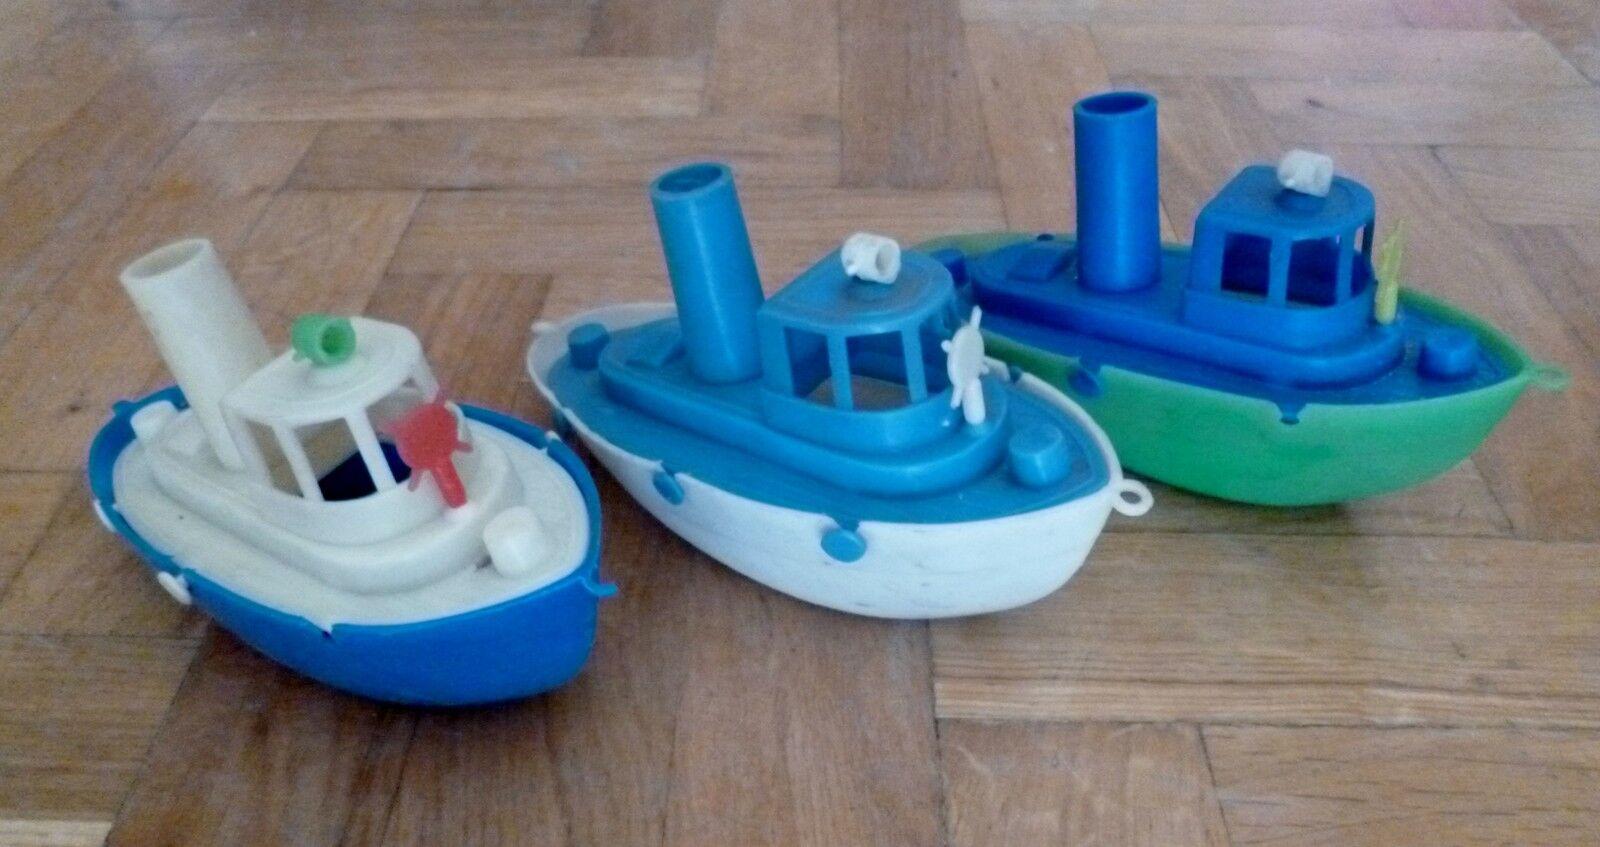 AMAZING årgång massa RARE GREK PENNY leksakS PLASTIC FISKBOLAG FRÅN 60-talet